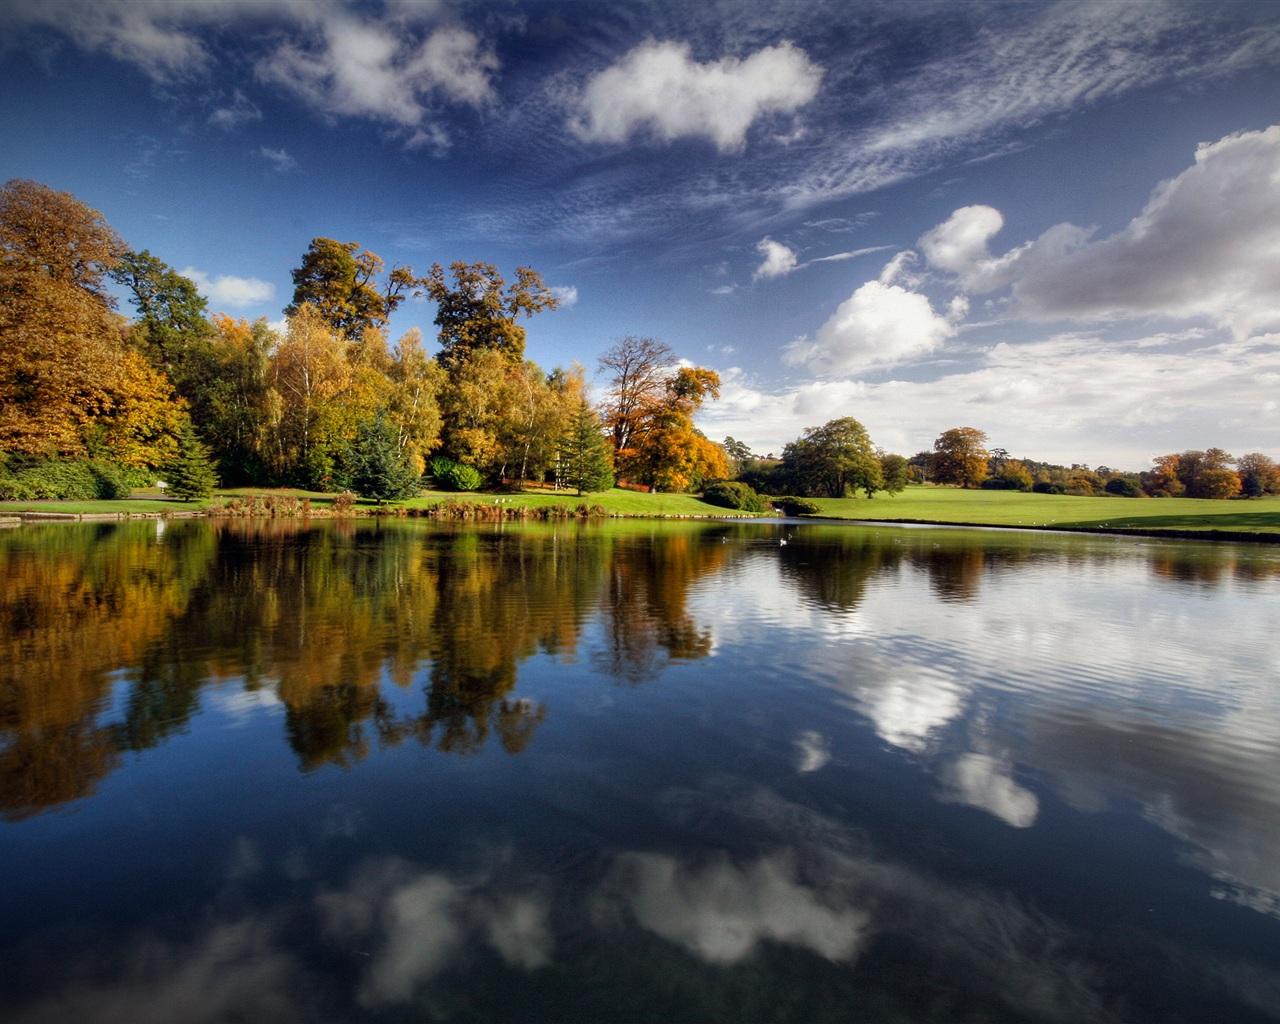 風景の画像 p1_27